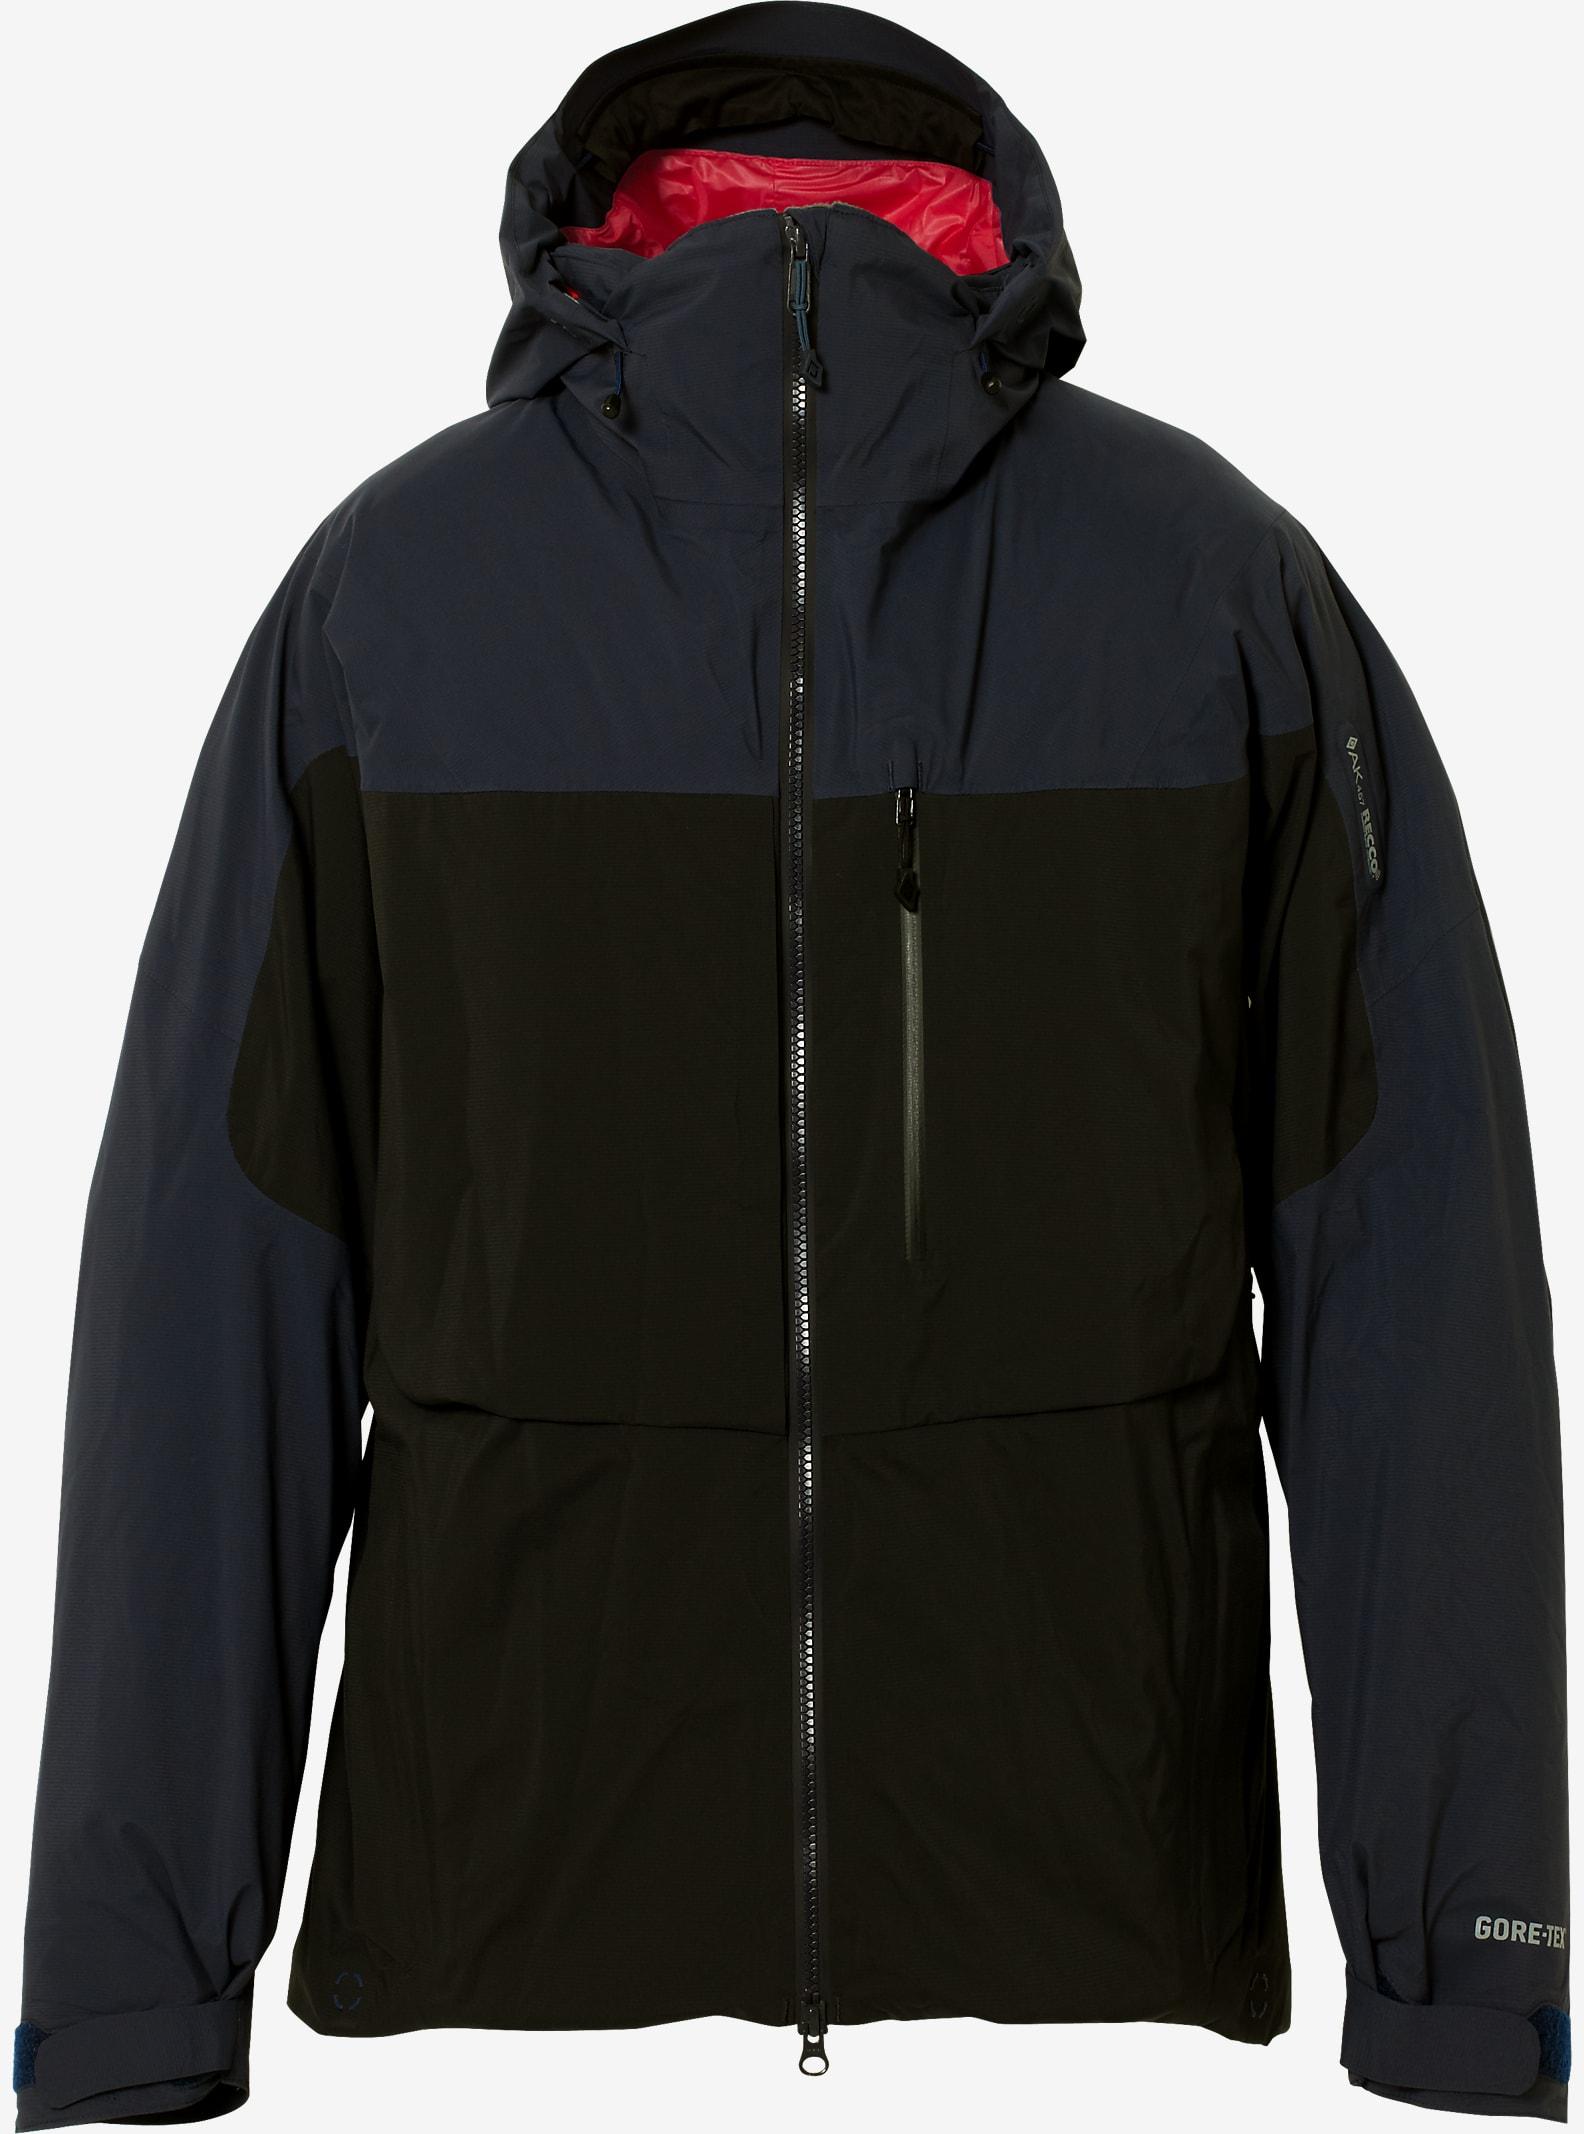 Burton AK457 Light Down Jacket shown in True Black / Navy